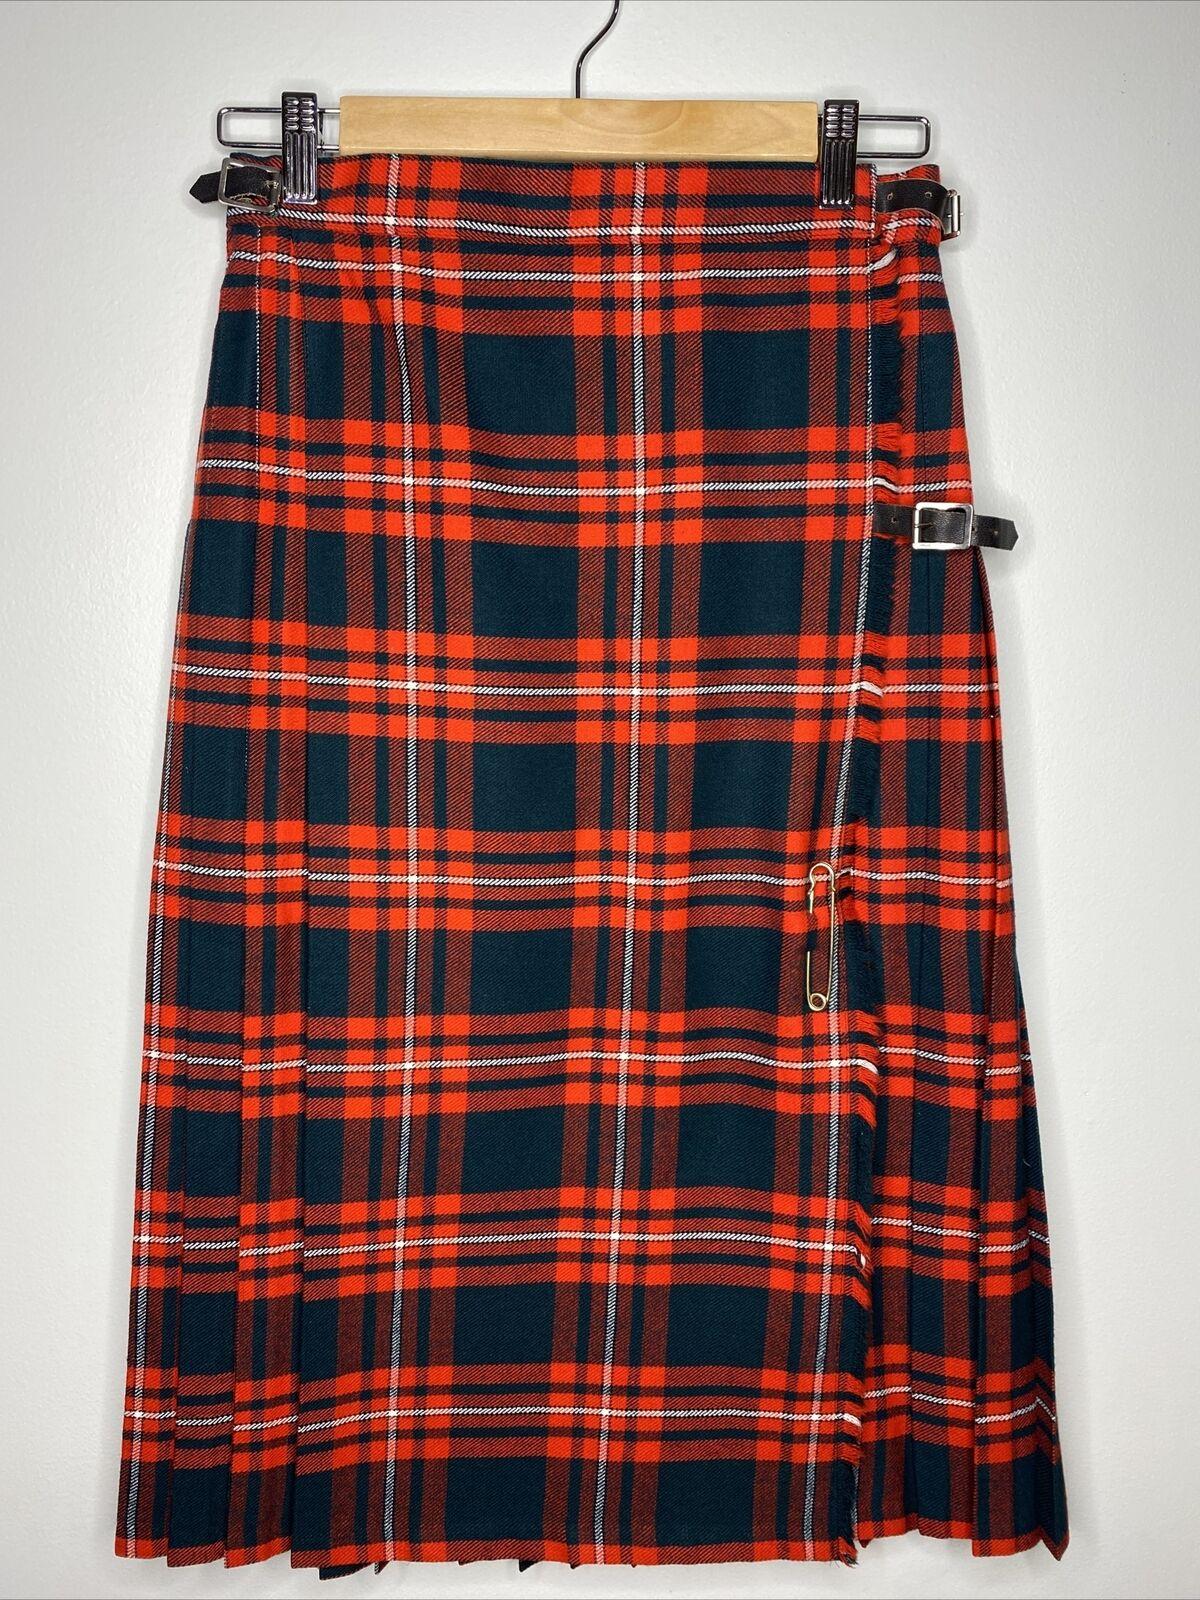 Ugly Christmas Skirt Wool Plaid Skirt